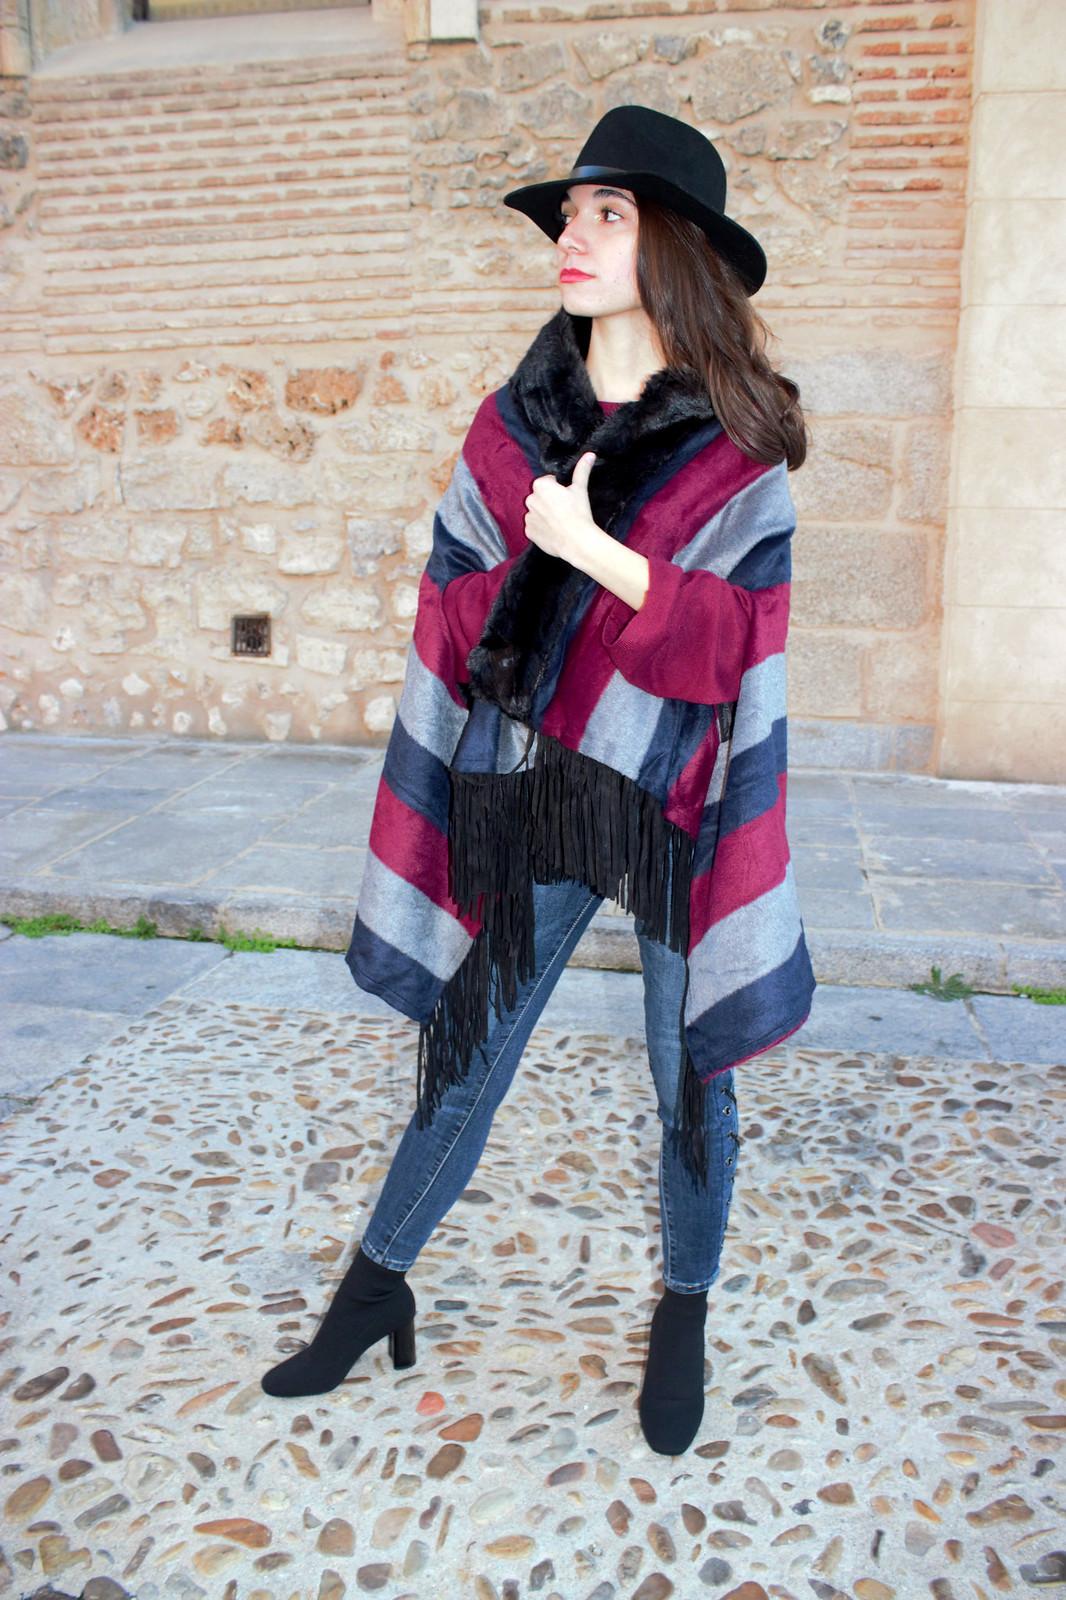 madlula-fashion-moda-newcollection-capa-olivia-jeans-sofia-sweater-paris